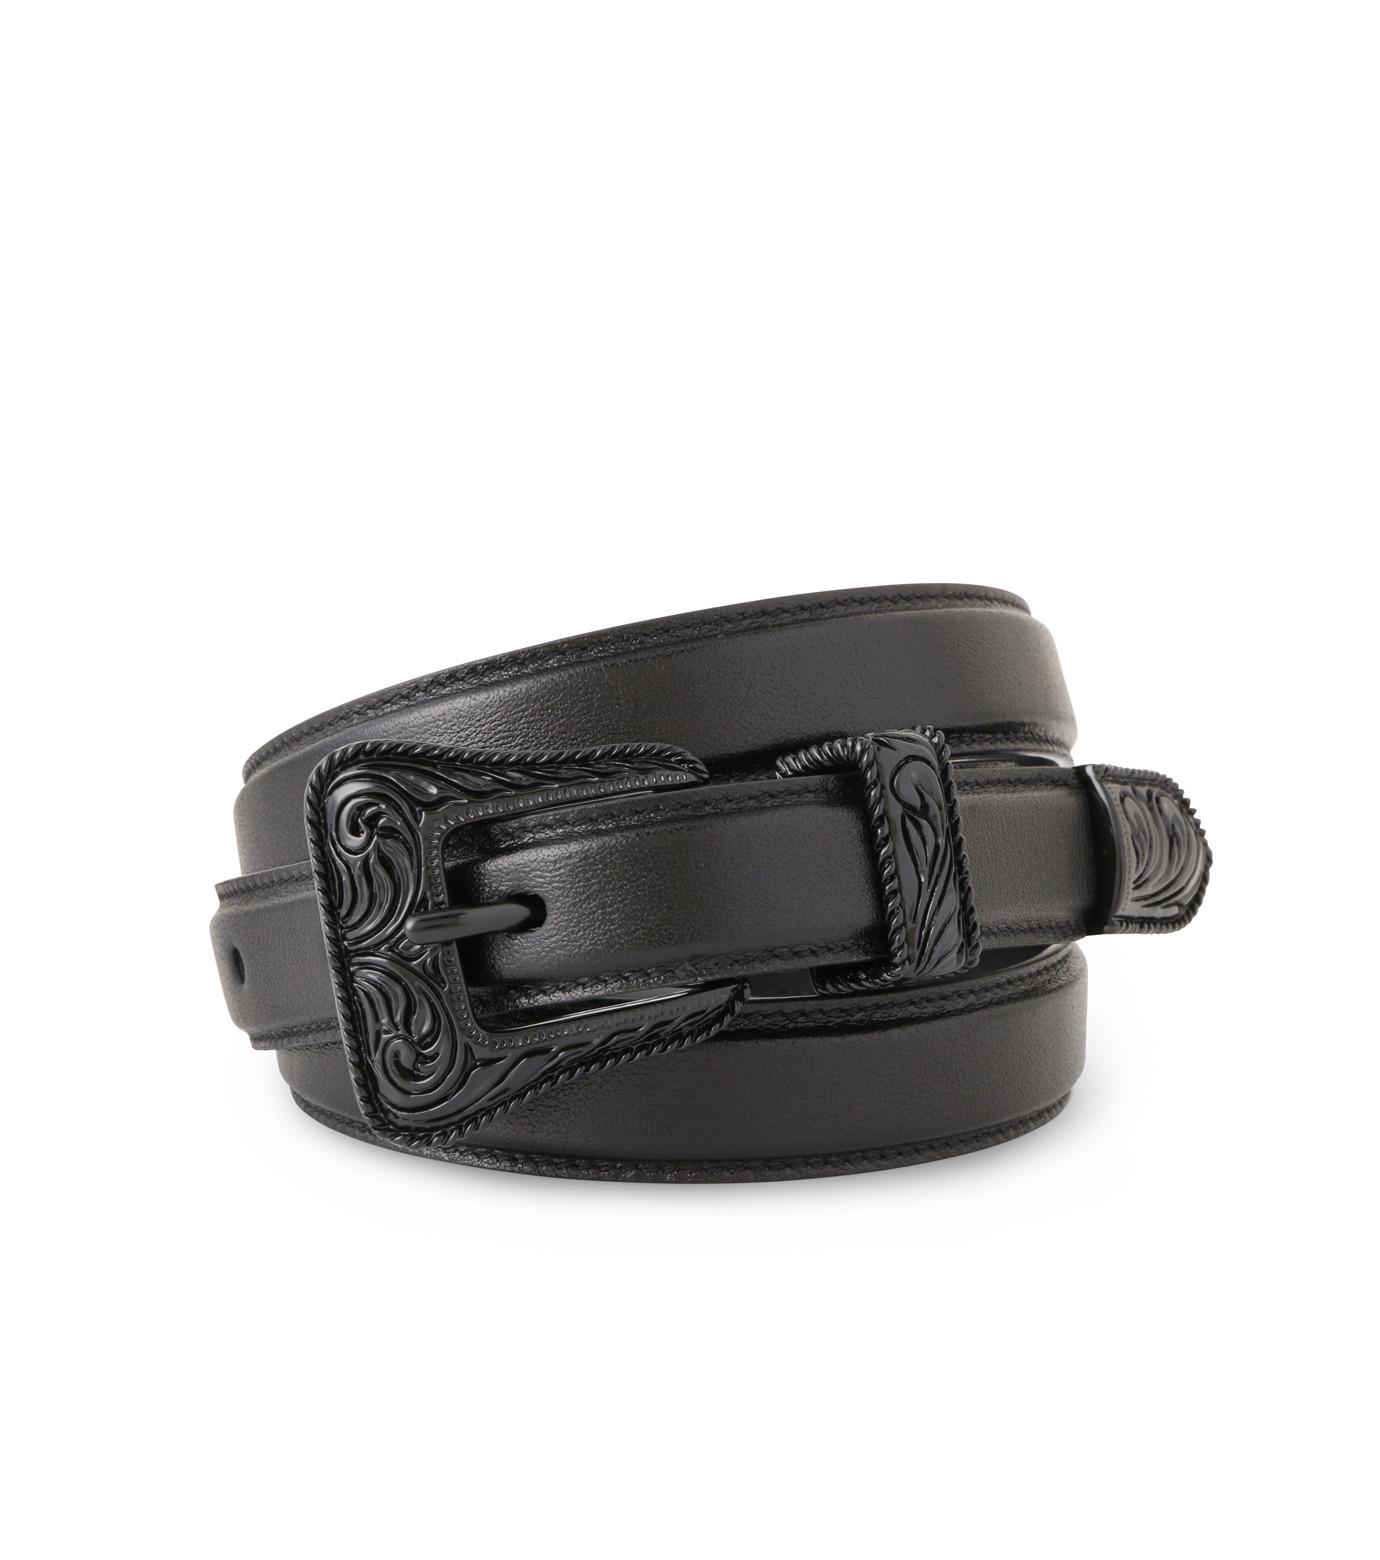 SAINT LAURENT(サンローラン)のWestern Belt-BLACK(ベルト/belt)-346571-CX00U-13 拡大詳細画像1